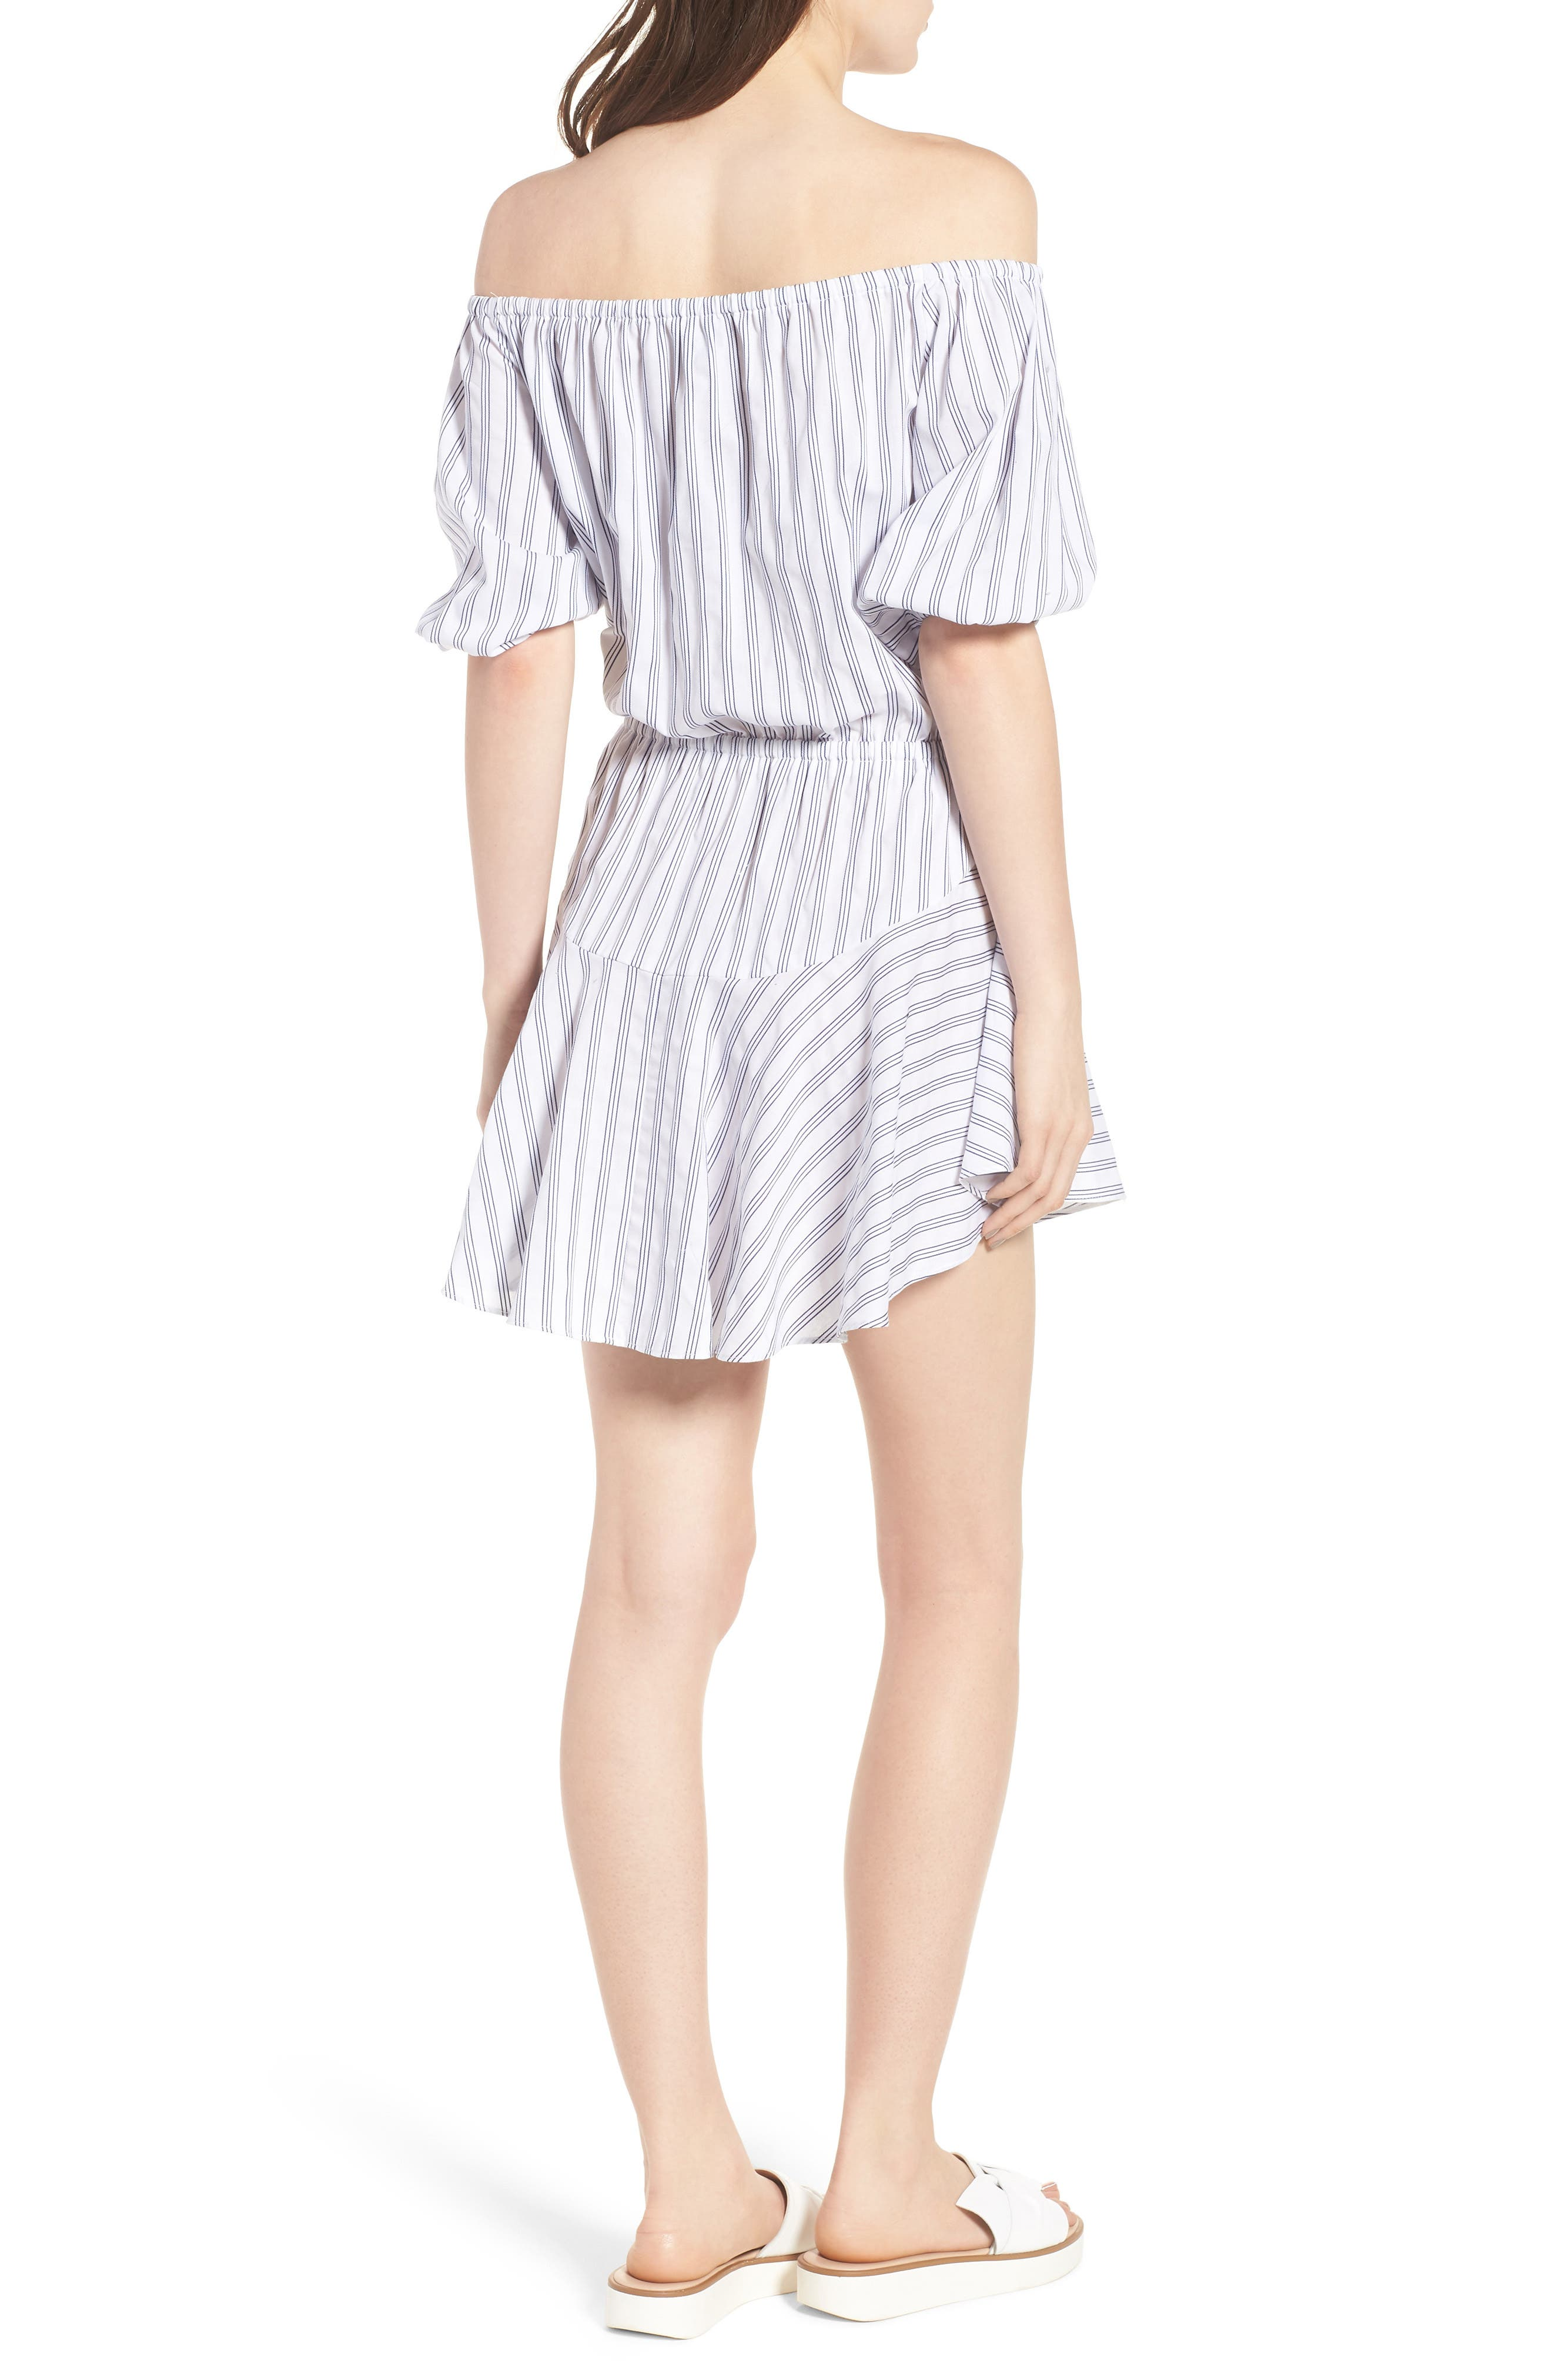 Barbados Stripe Off the Shoulder Dress,                             Alternate thumbnail 2, color,